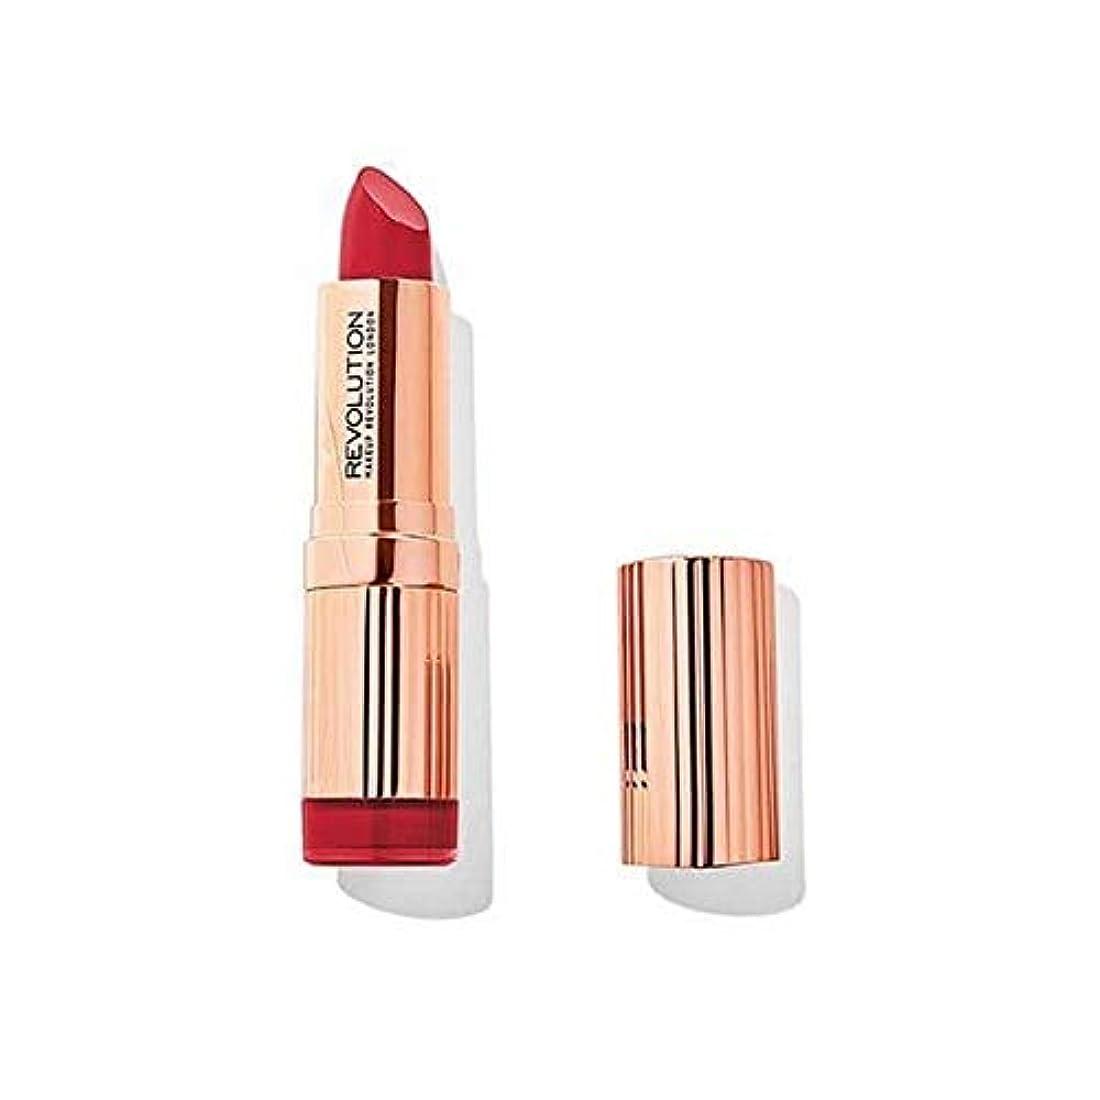 前奏曲このルビー[Revolution ] 革命ルネサンス口紅クラシック - Revolution Renaissance Lipstick Classic [並行輸入品]